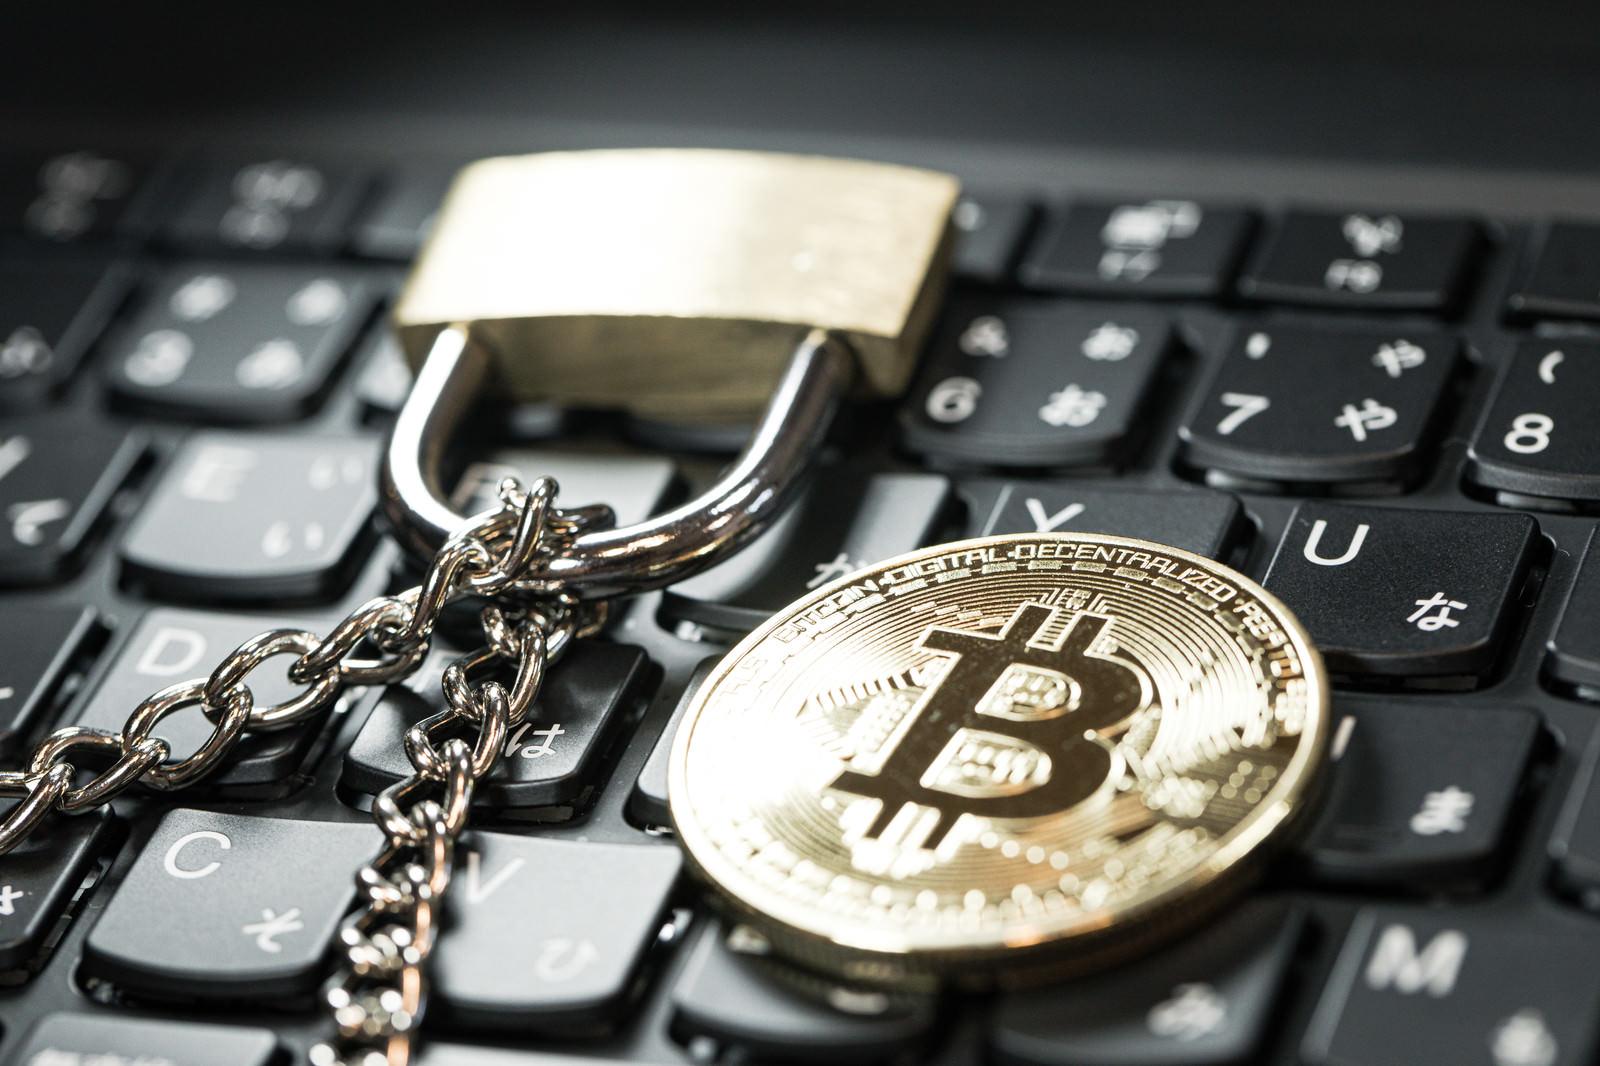 「ブロックチェーンとビットコイン」の写真